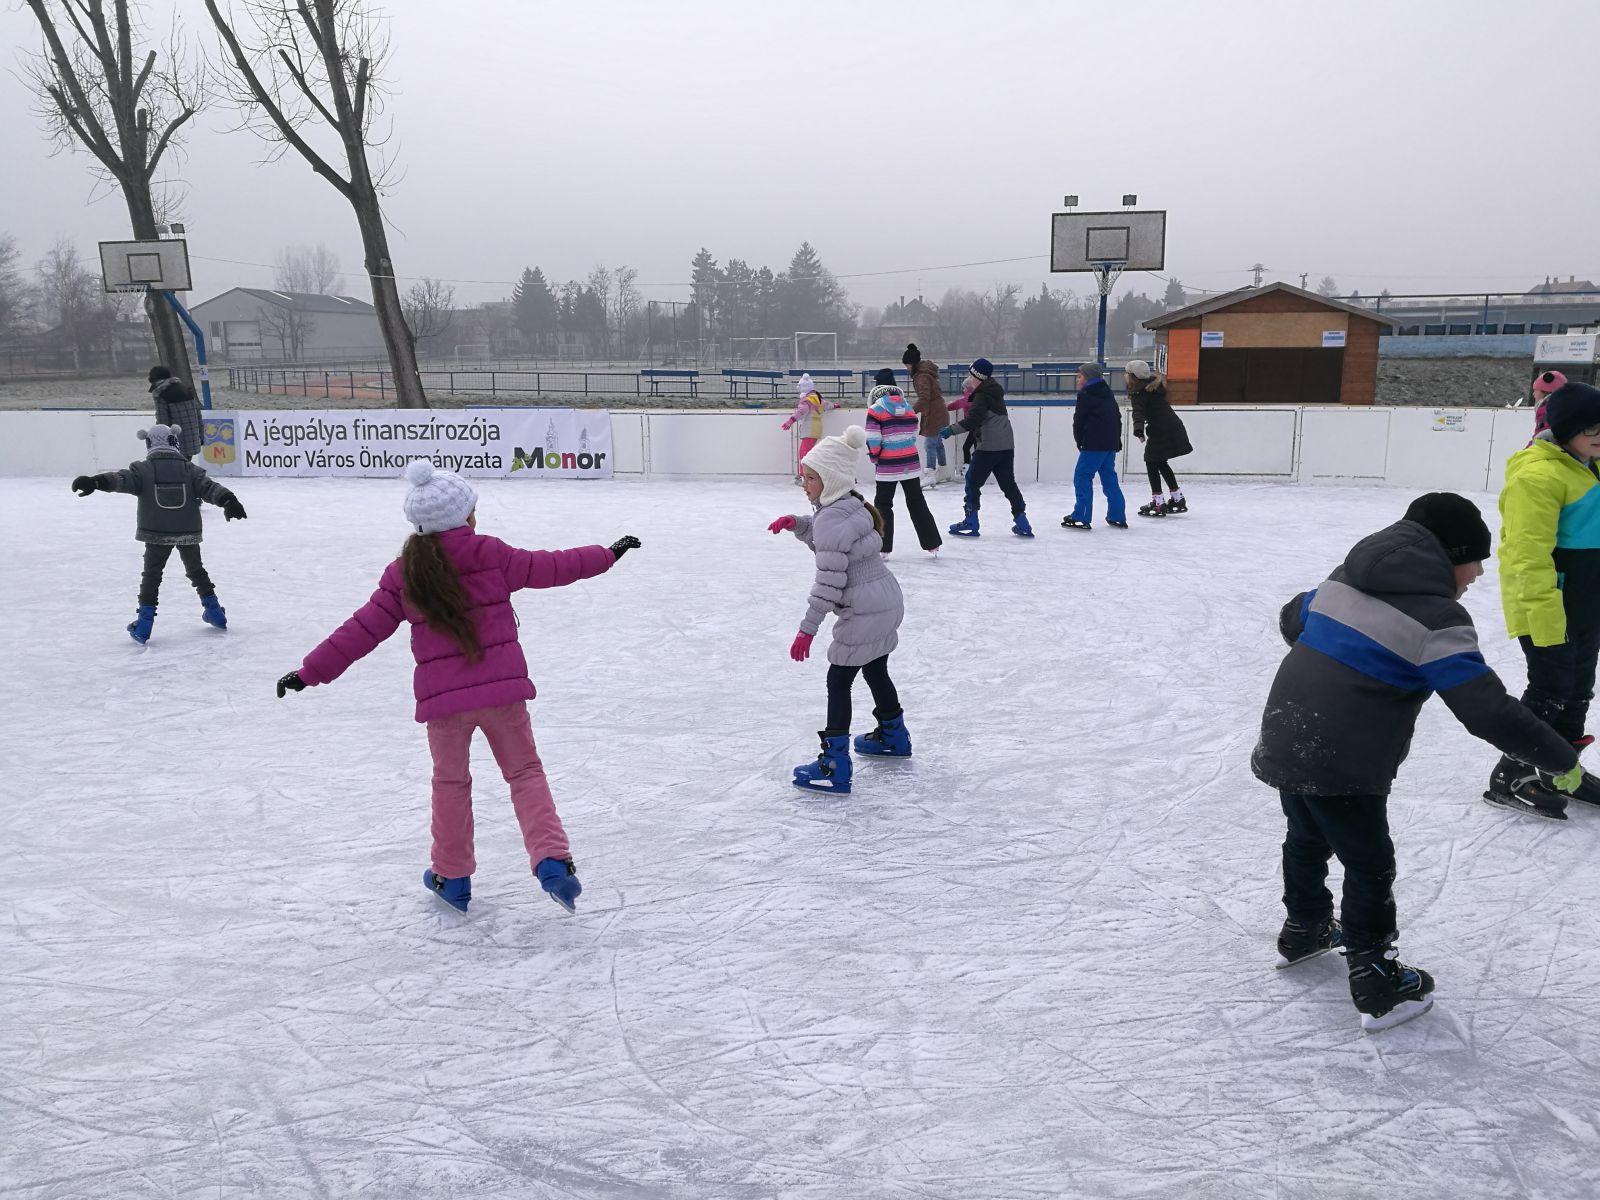 Meghosszabbított nyitvatartással, február 12-ig várja a jégpálya a korizni vágyókat